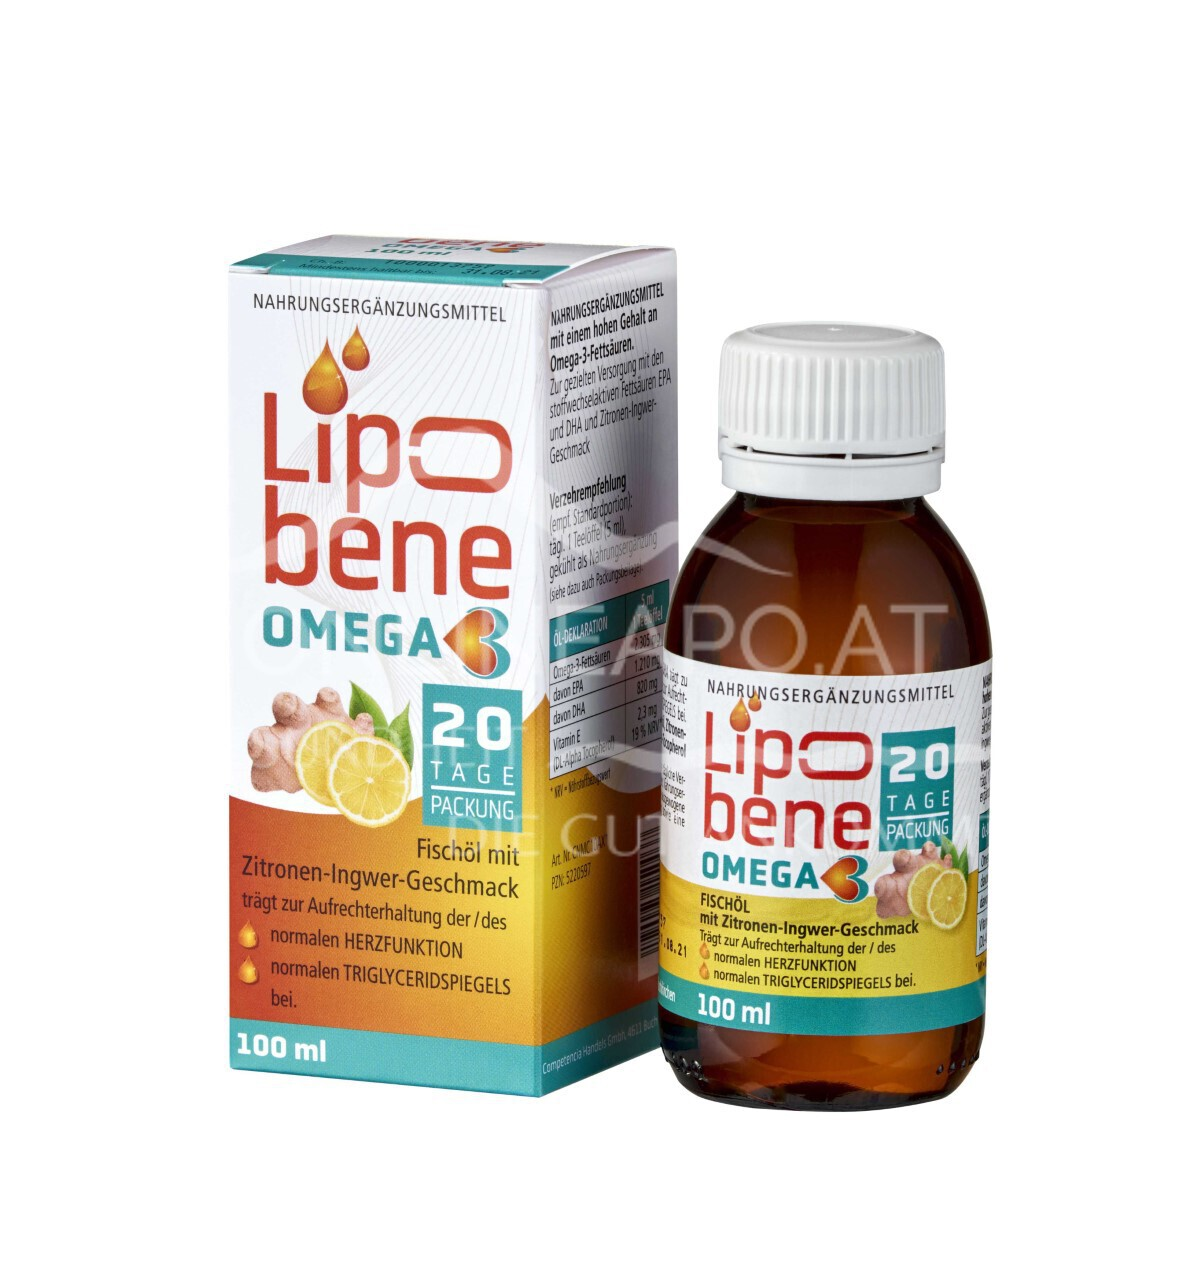 Lipobene Omega 3 Zitronen Ingwer Öl